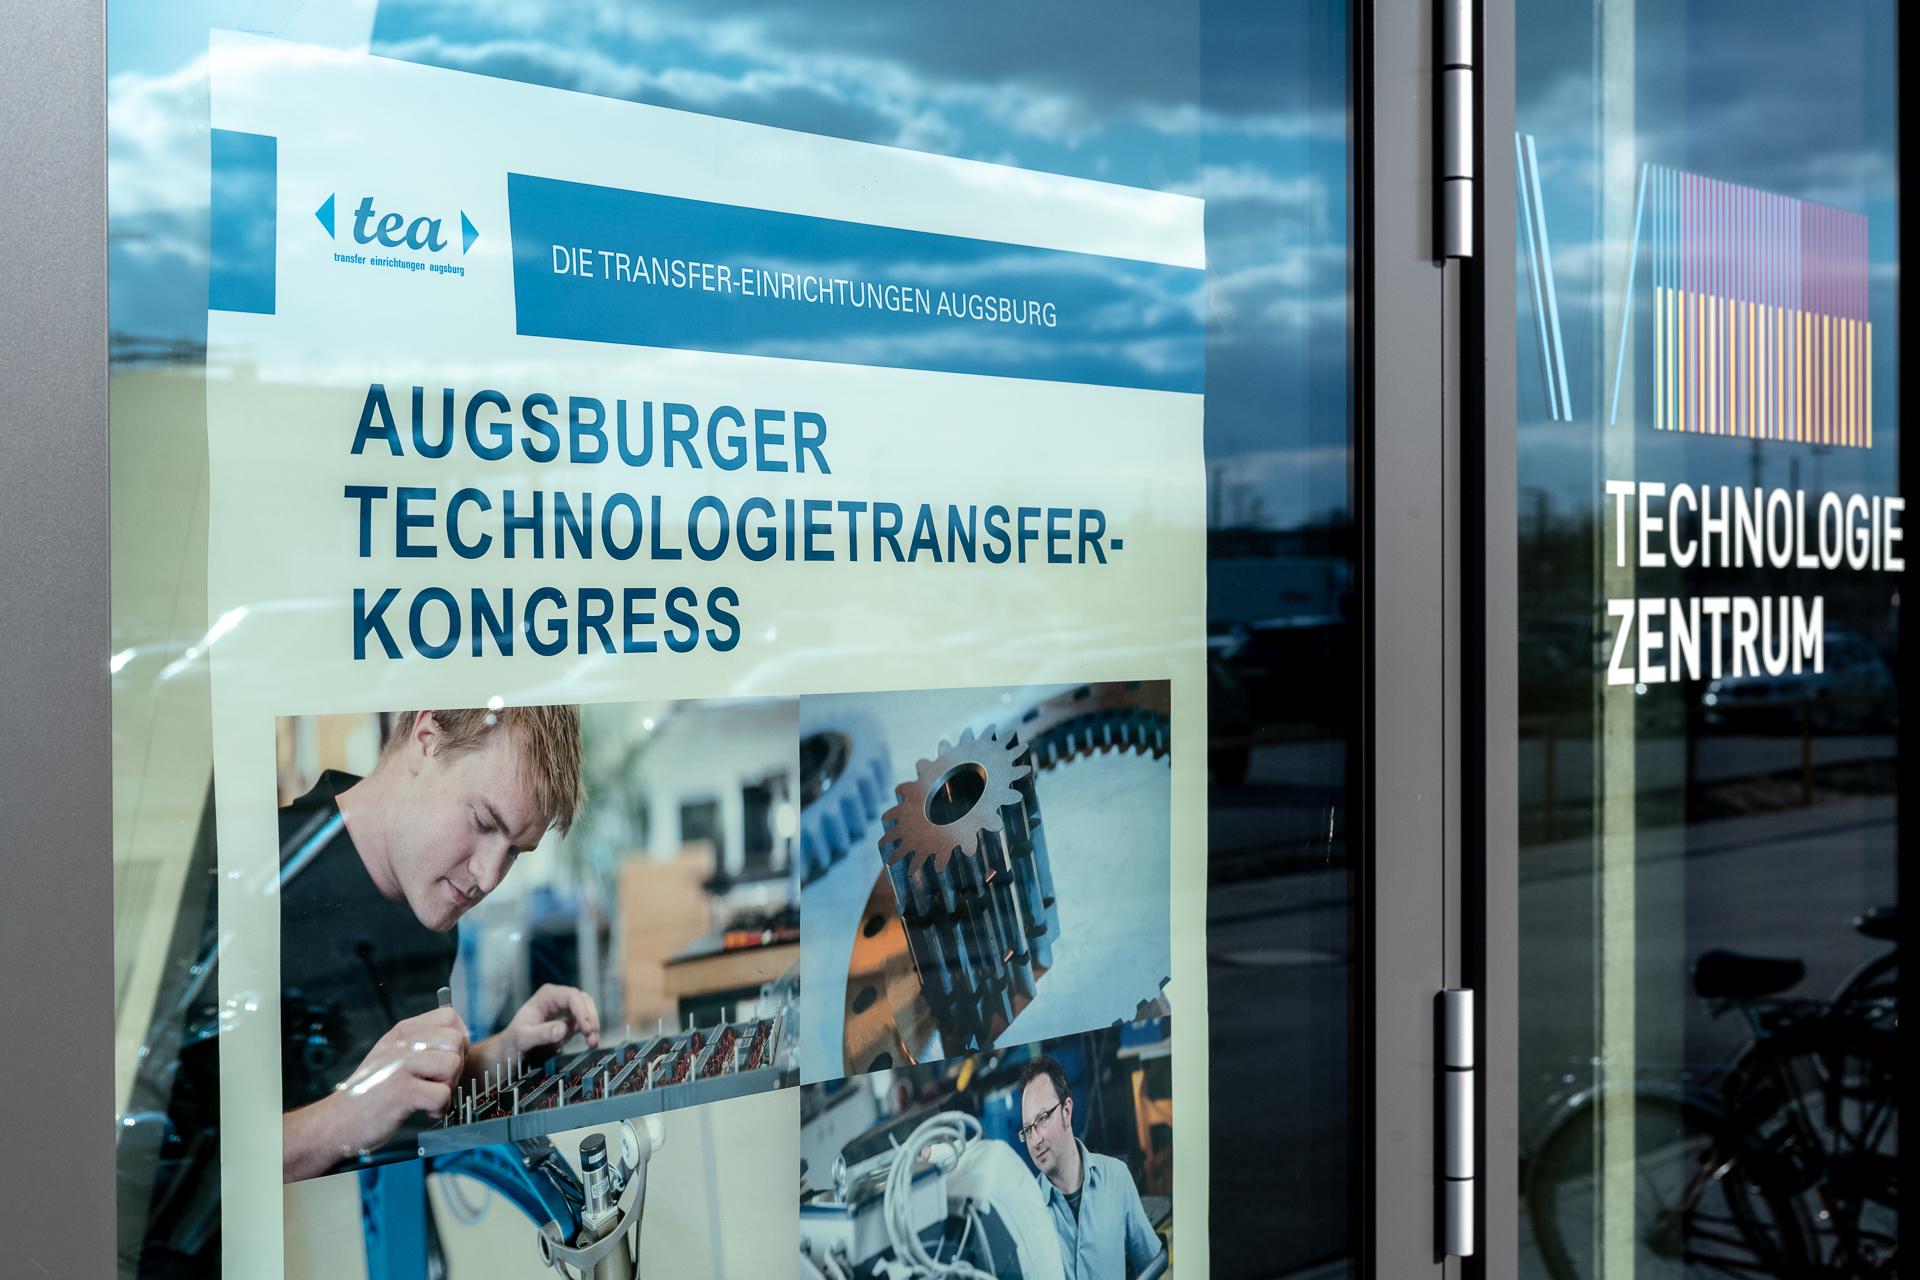 Technologietransferkongress